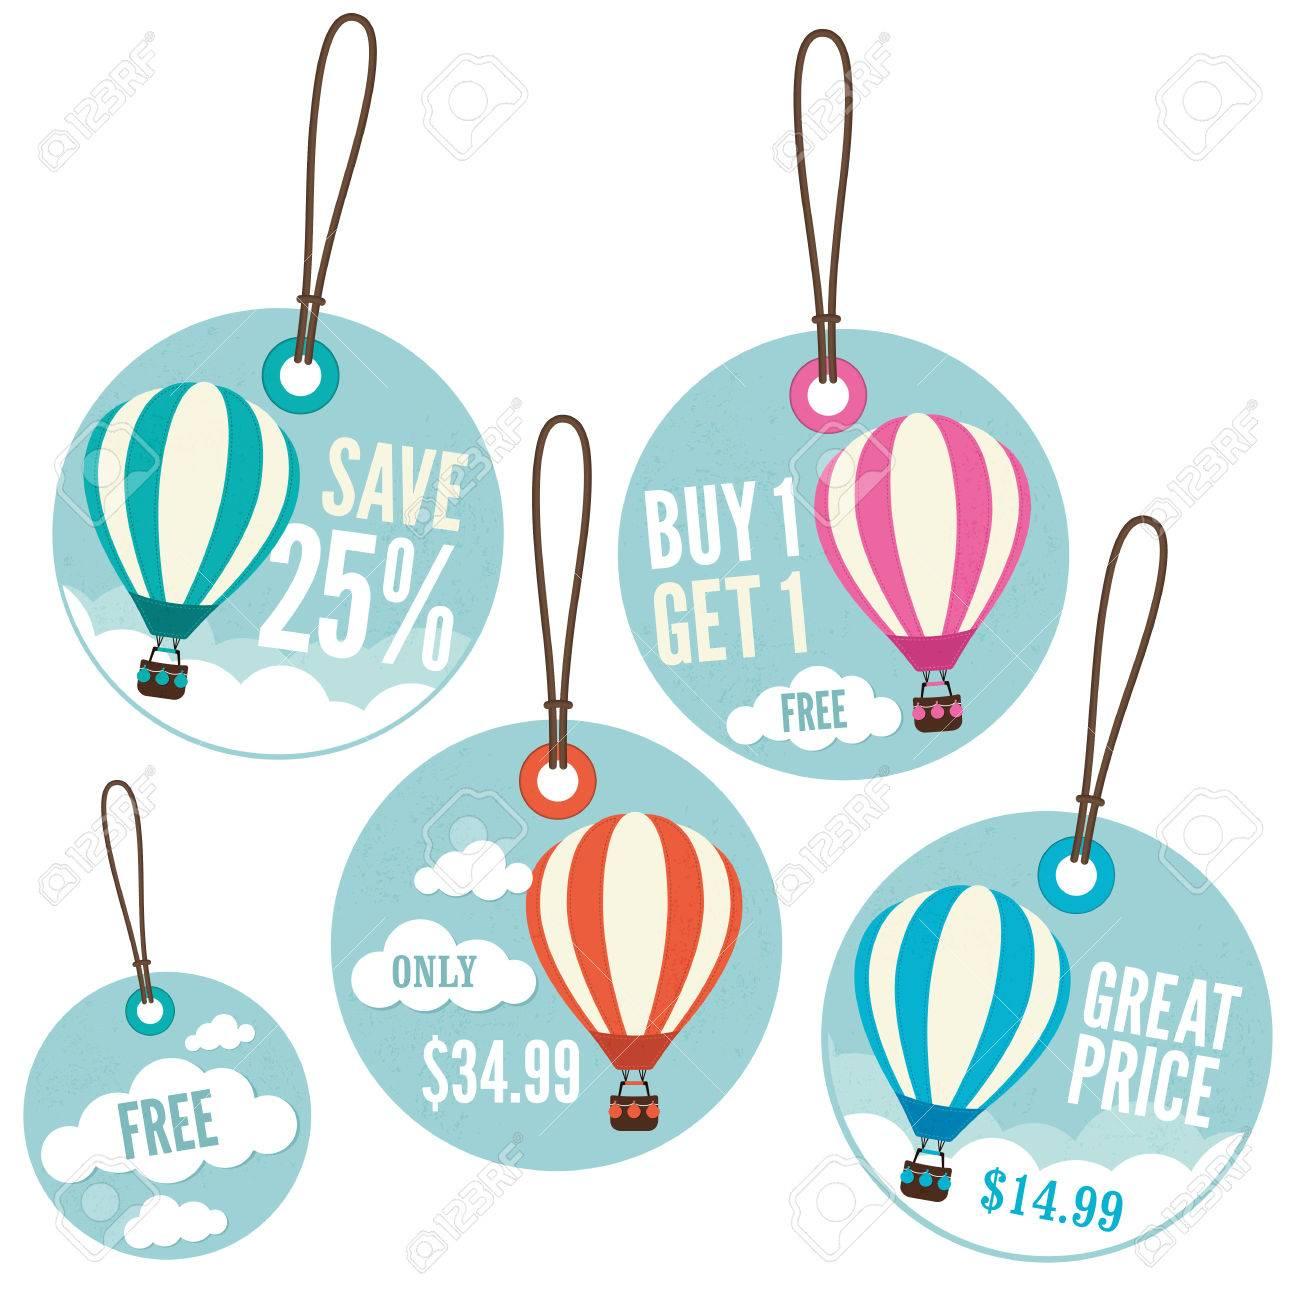 c4d35c67dea2c A set of retail price tags with a hot air balloon theme Stock Vector -  56985520